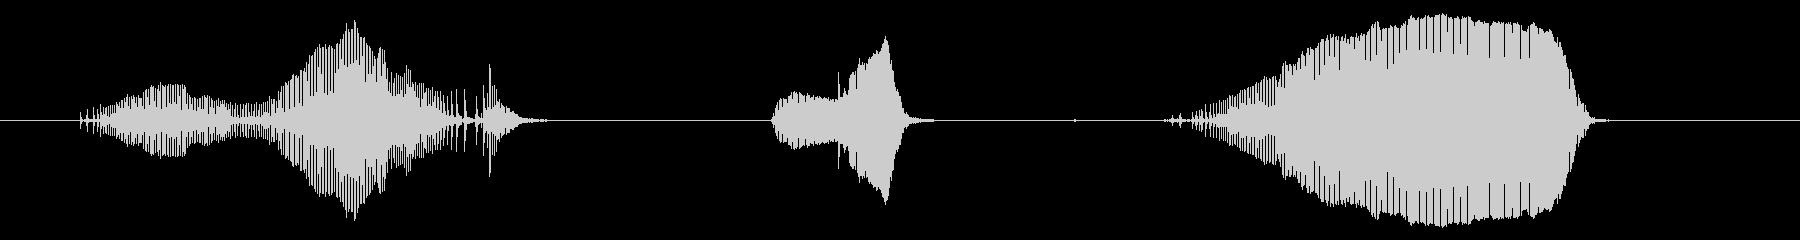 赤ちゃんの話し声の未再生の波形